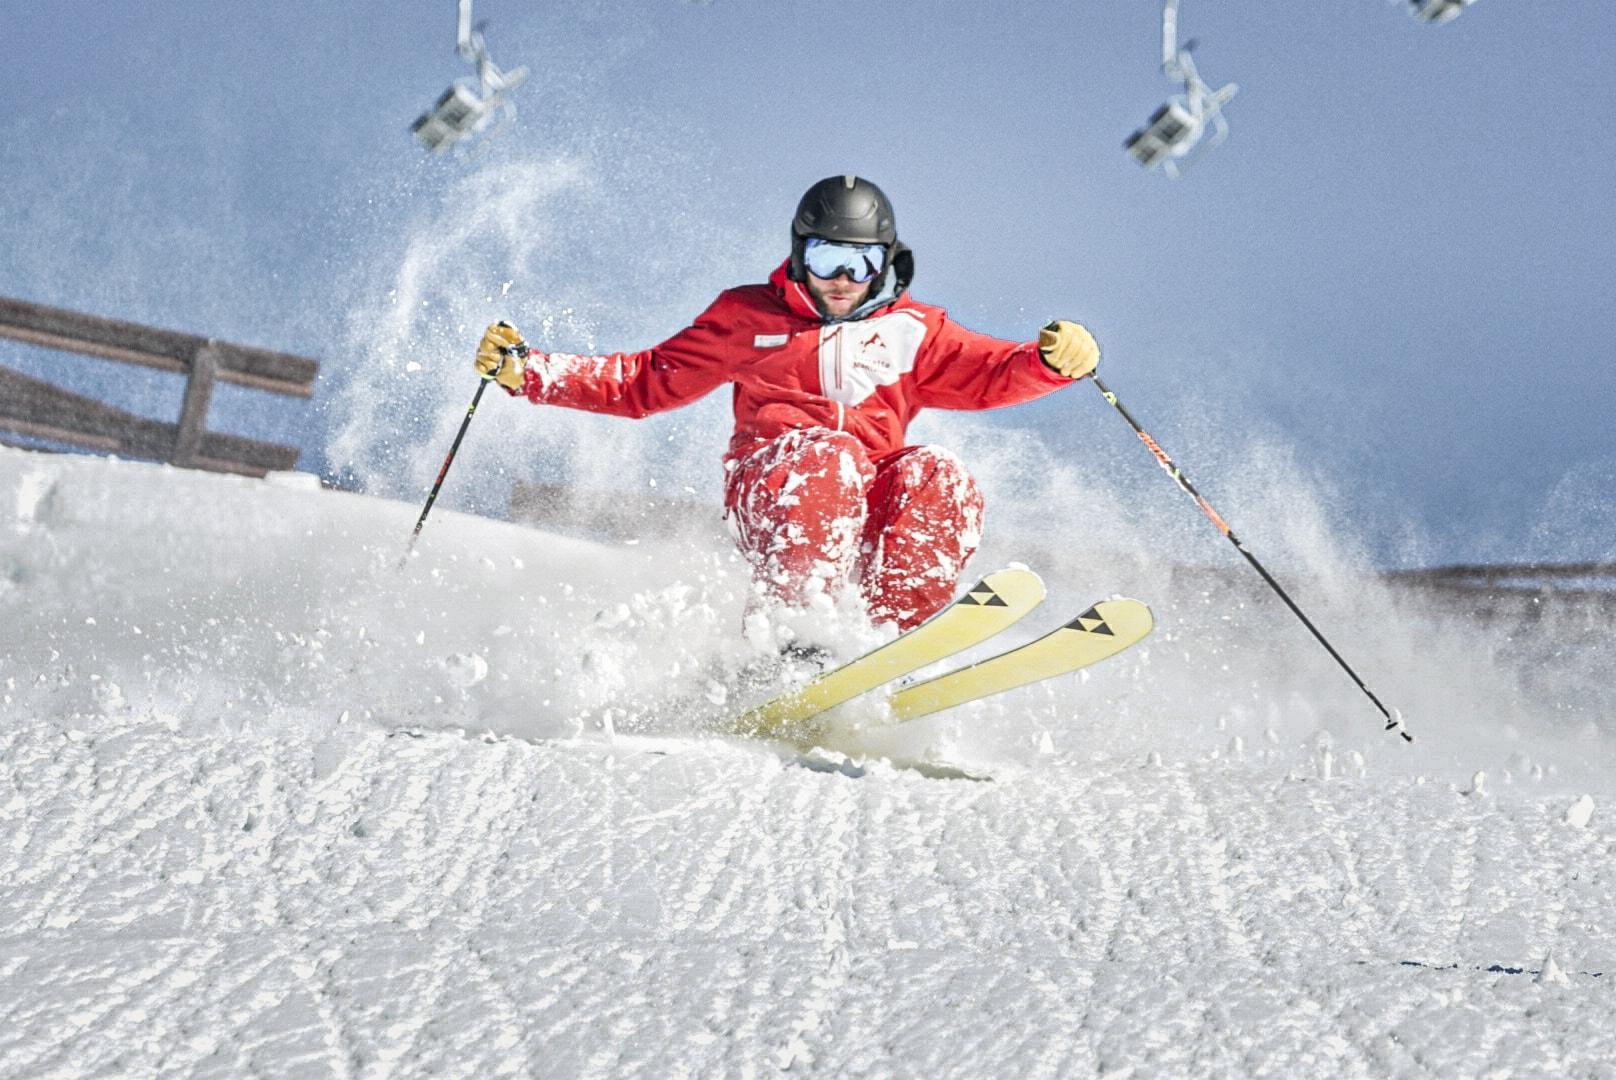 Clases de esquí privadas para adultos para todos los niveles